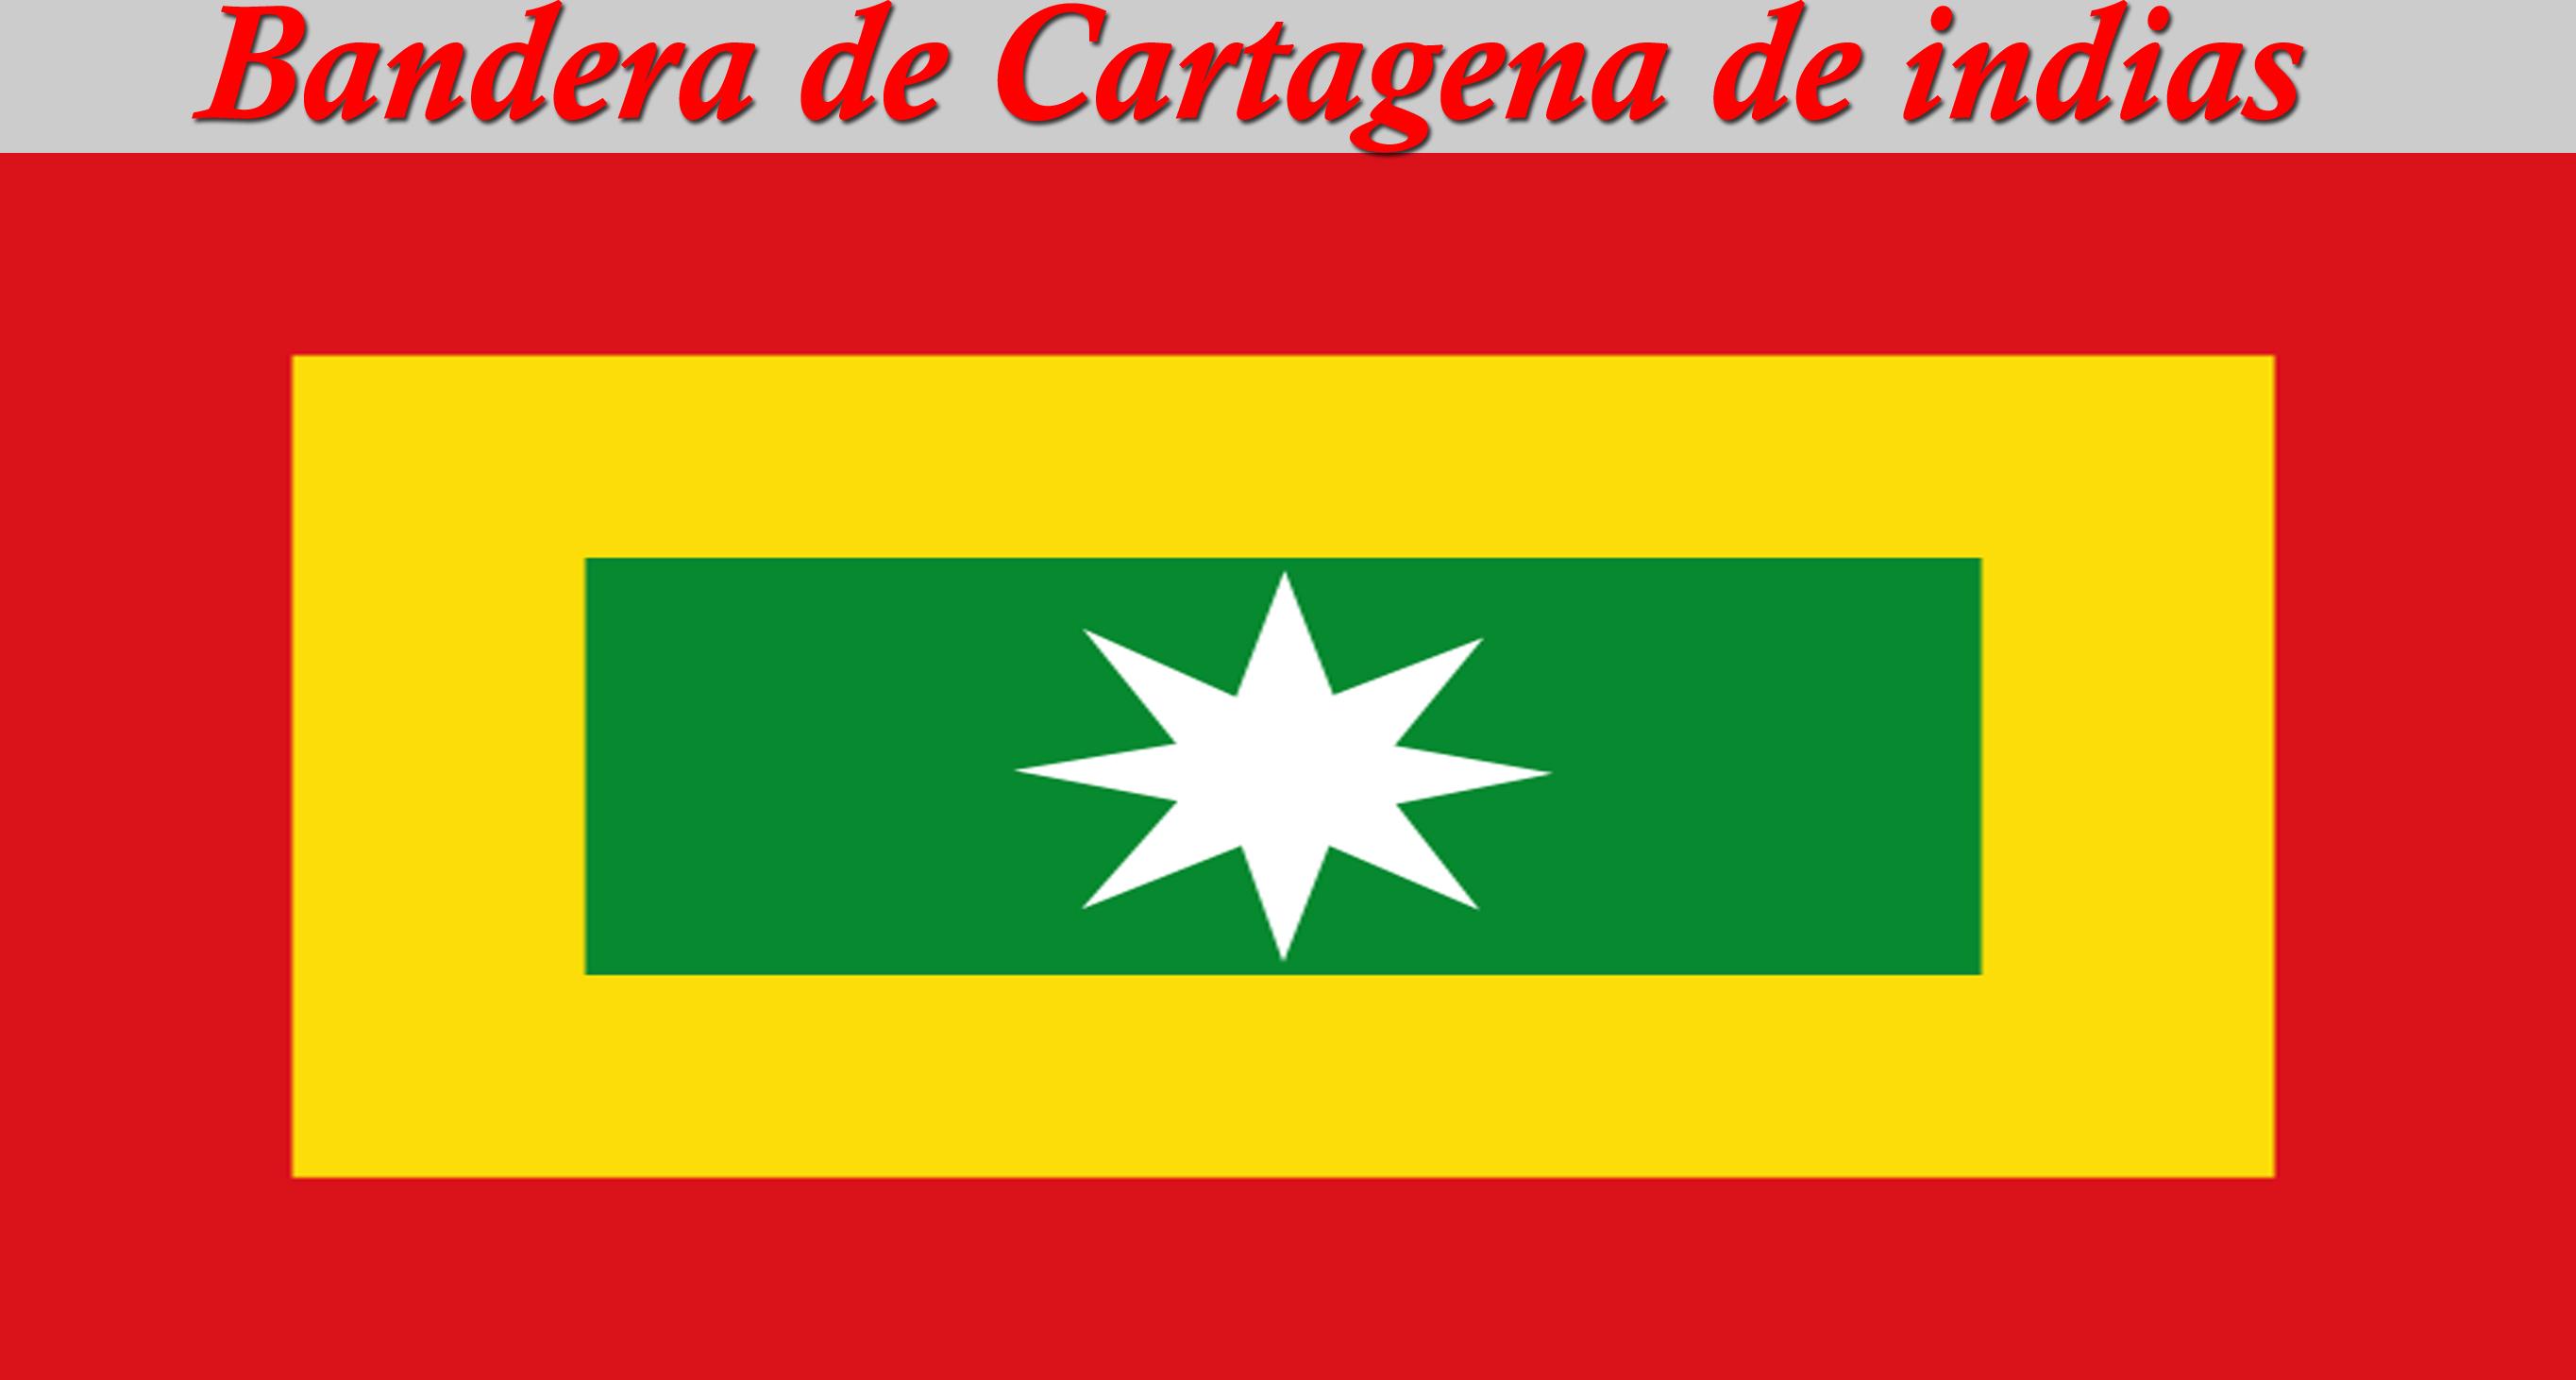 Símbolos De Cartagena De Indias Noticartagena